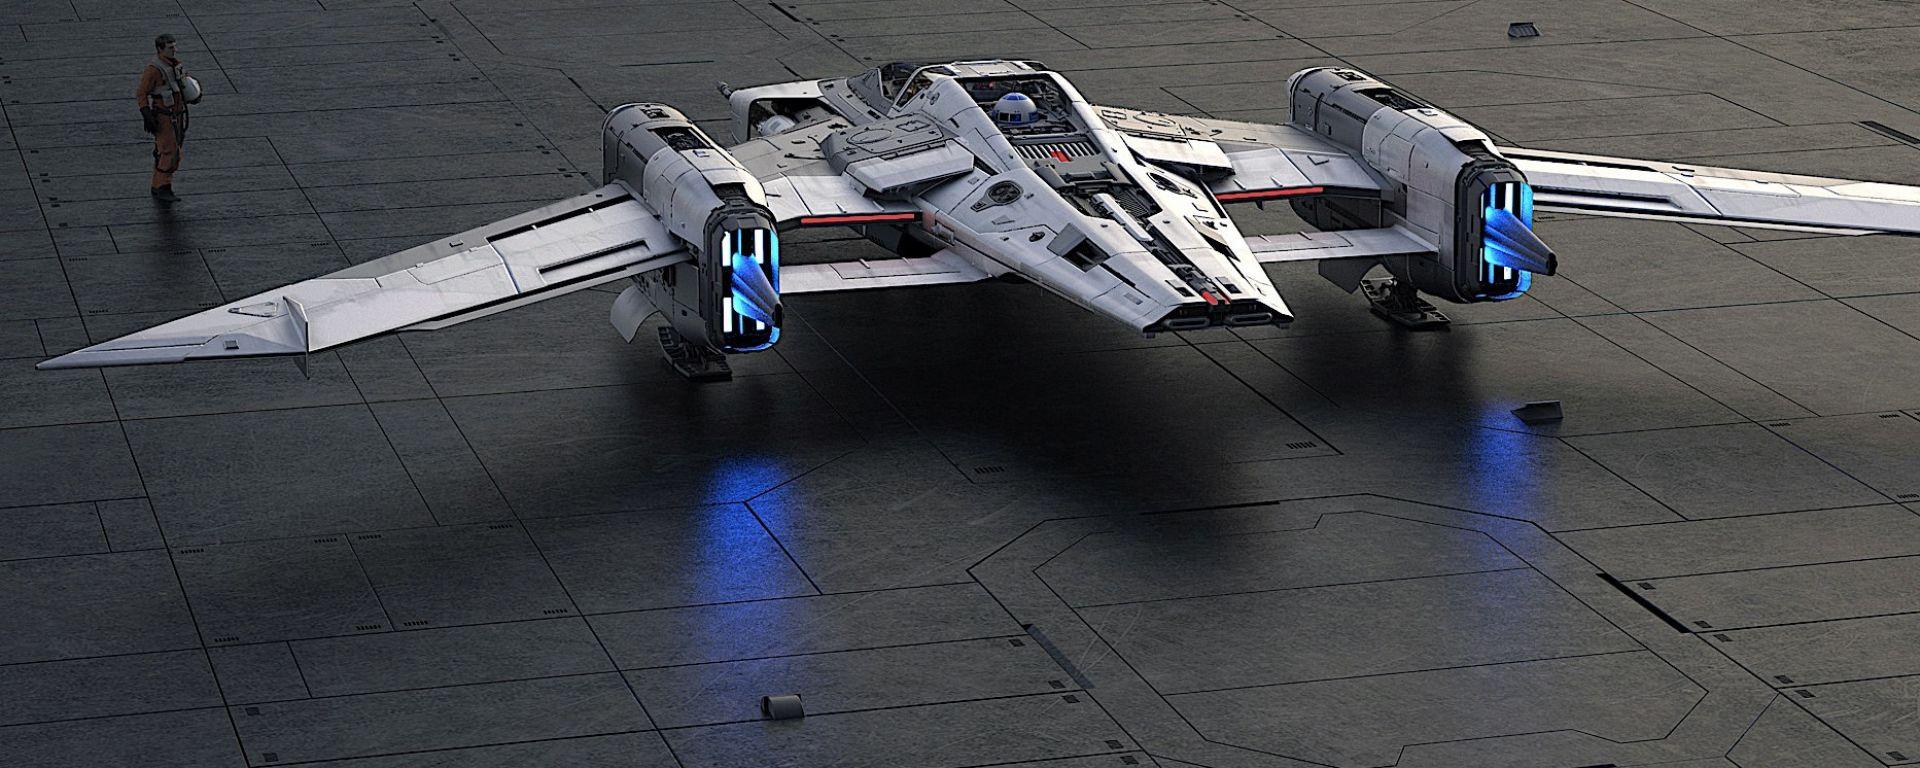 La fotogallery dell'astronave dei ribelli di Star Wars by Porsche